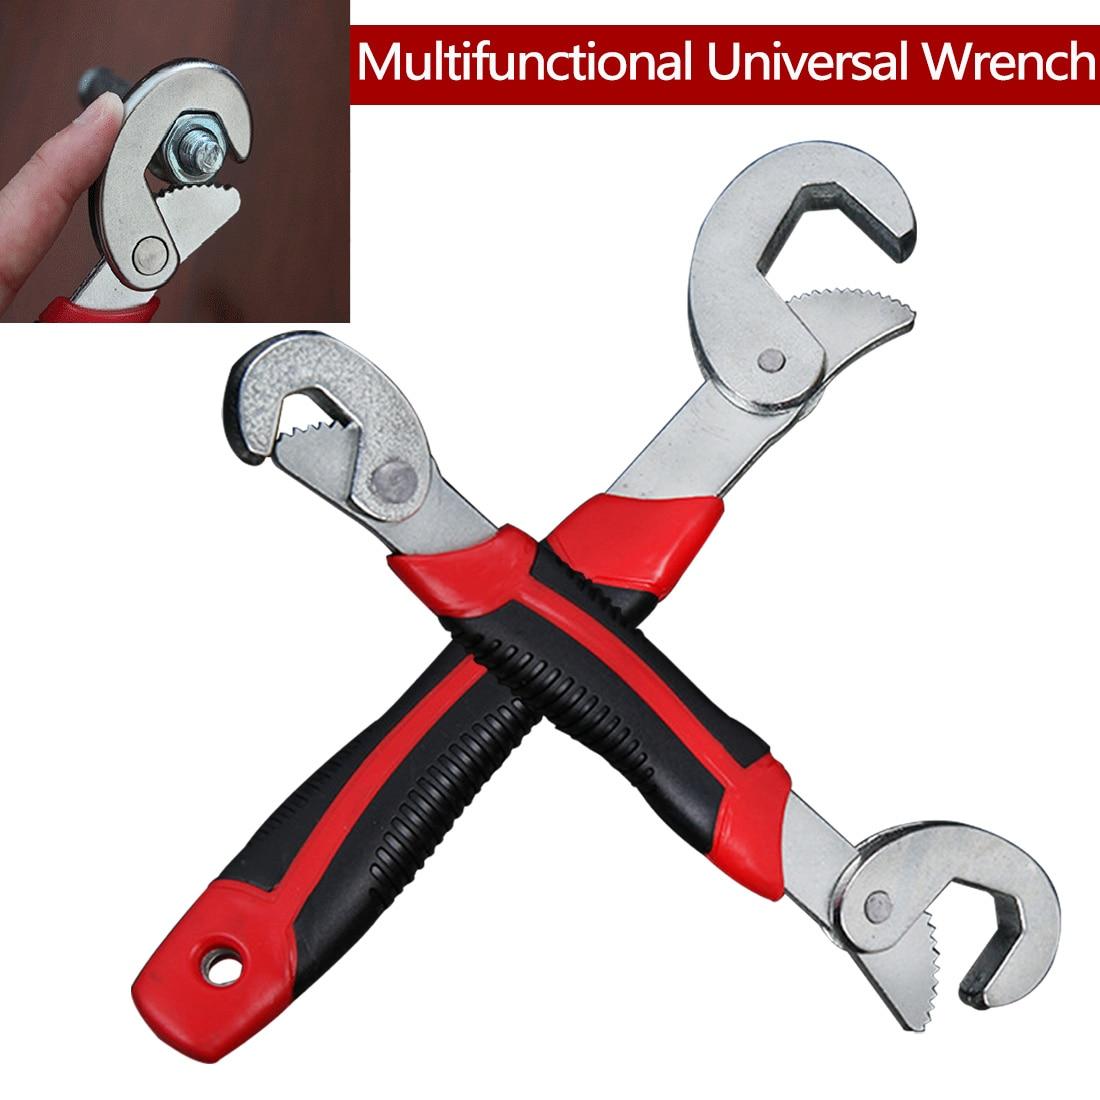 Conjunto de llave inglesa multifunción llave Universal llave rápida y agarre llave inglesa ajustable para tuercas y pernos